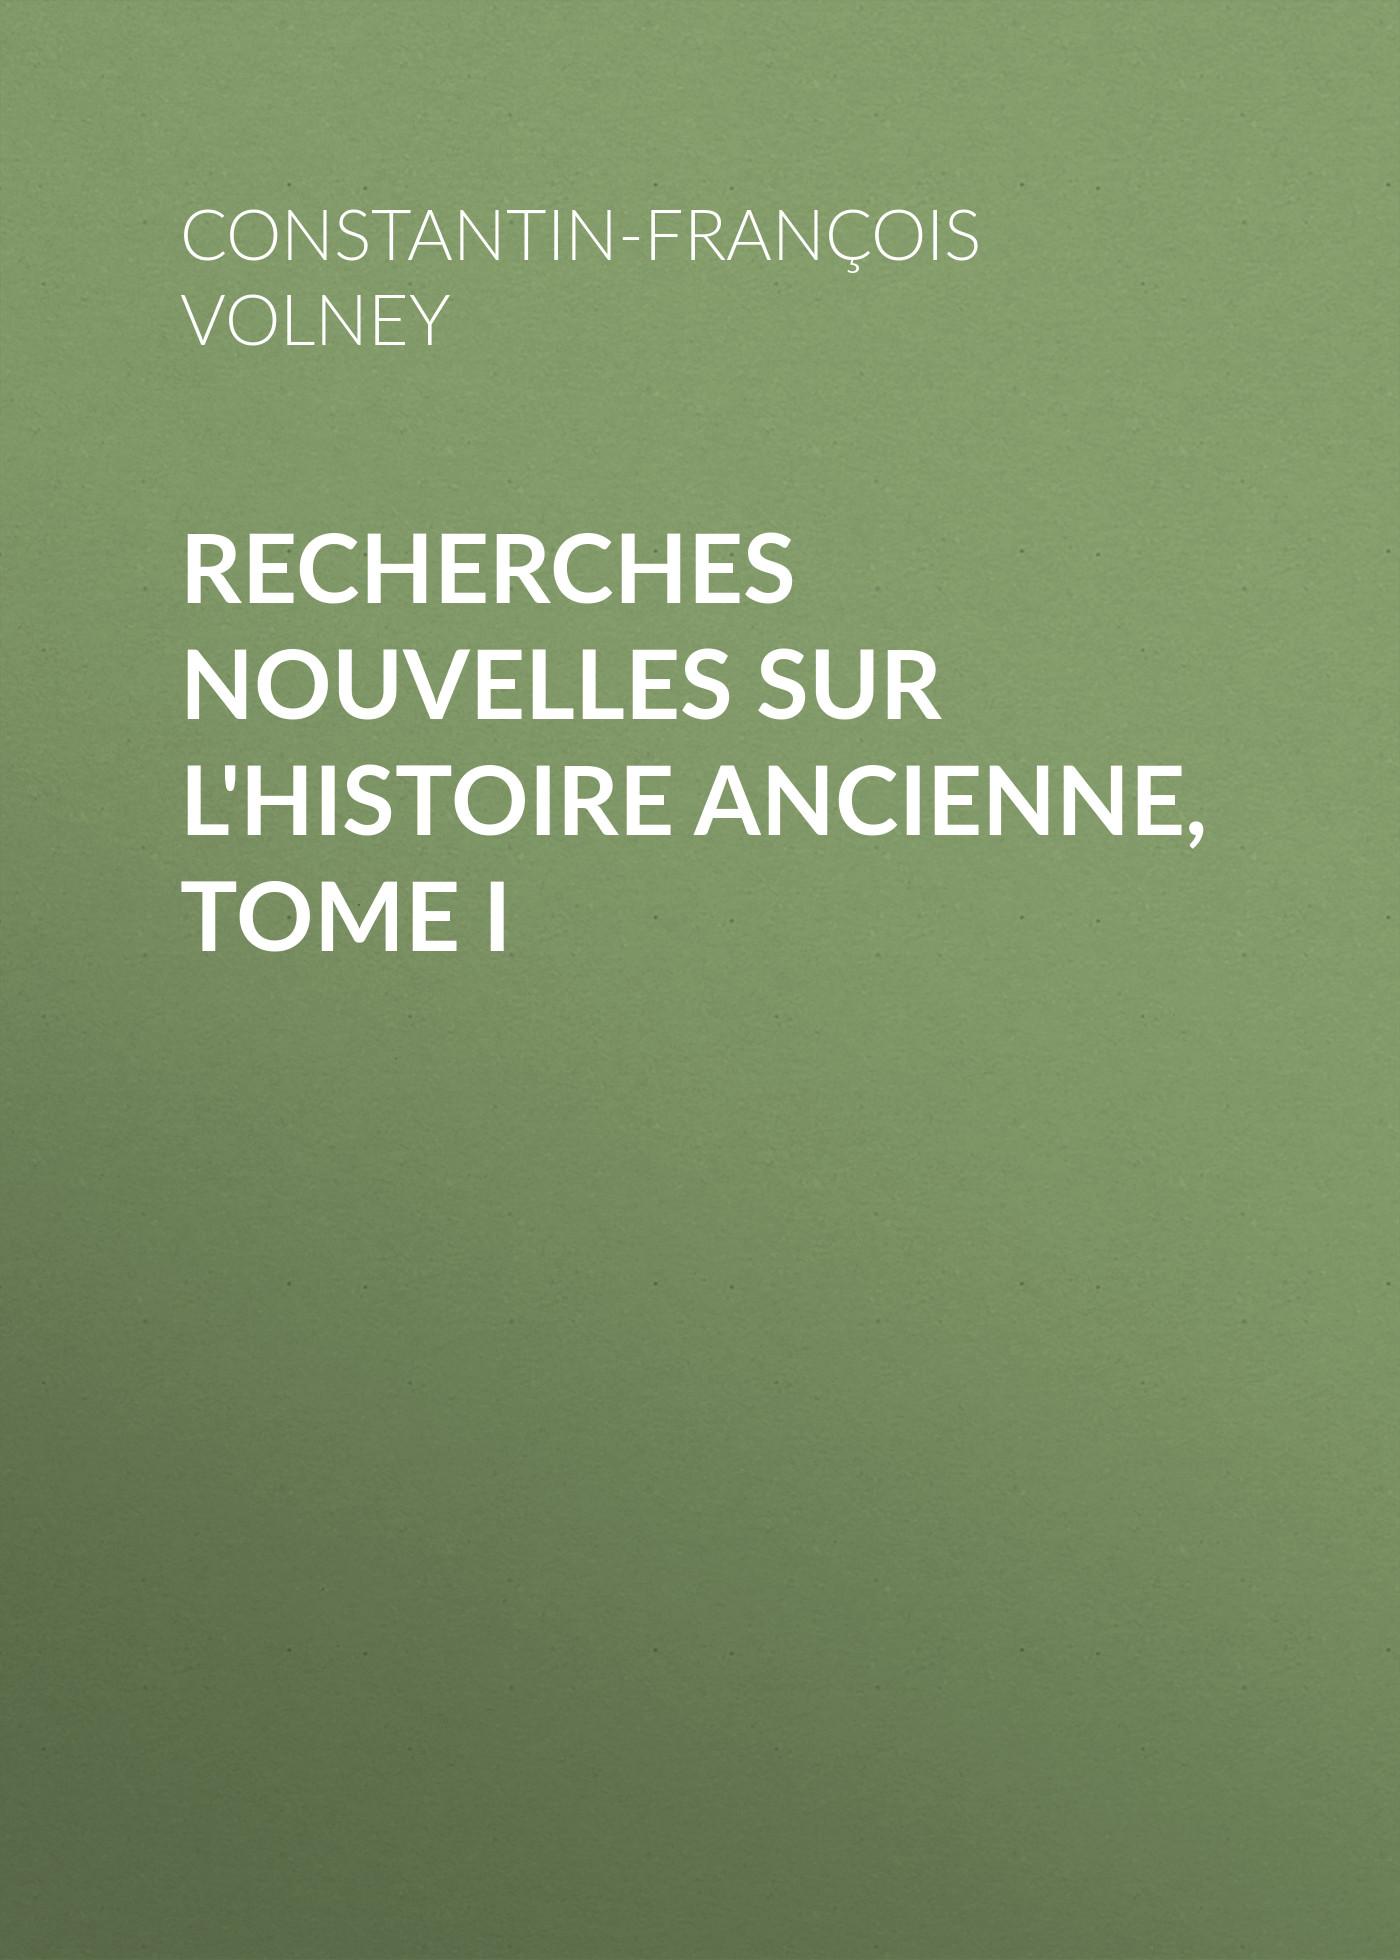 Constantin-François Volney Recherches nouvelles sur l'histoire ancienne, tome I